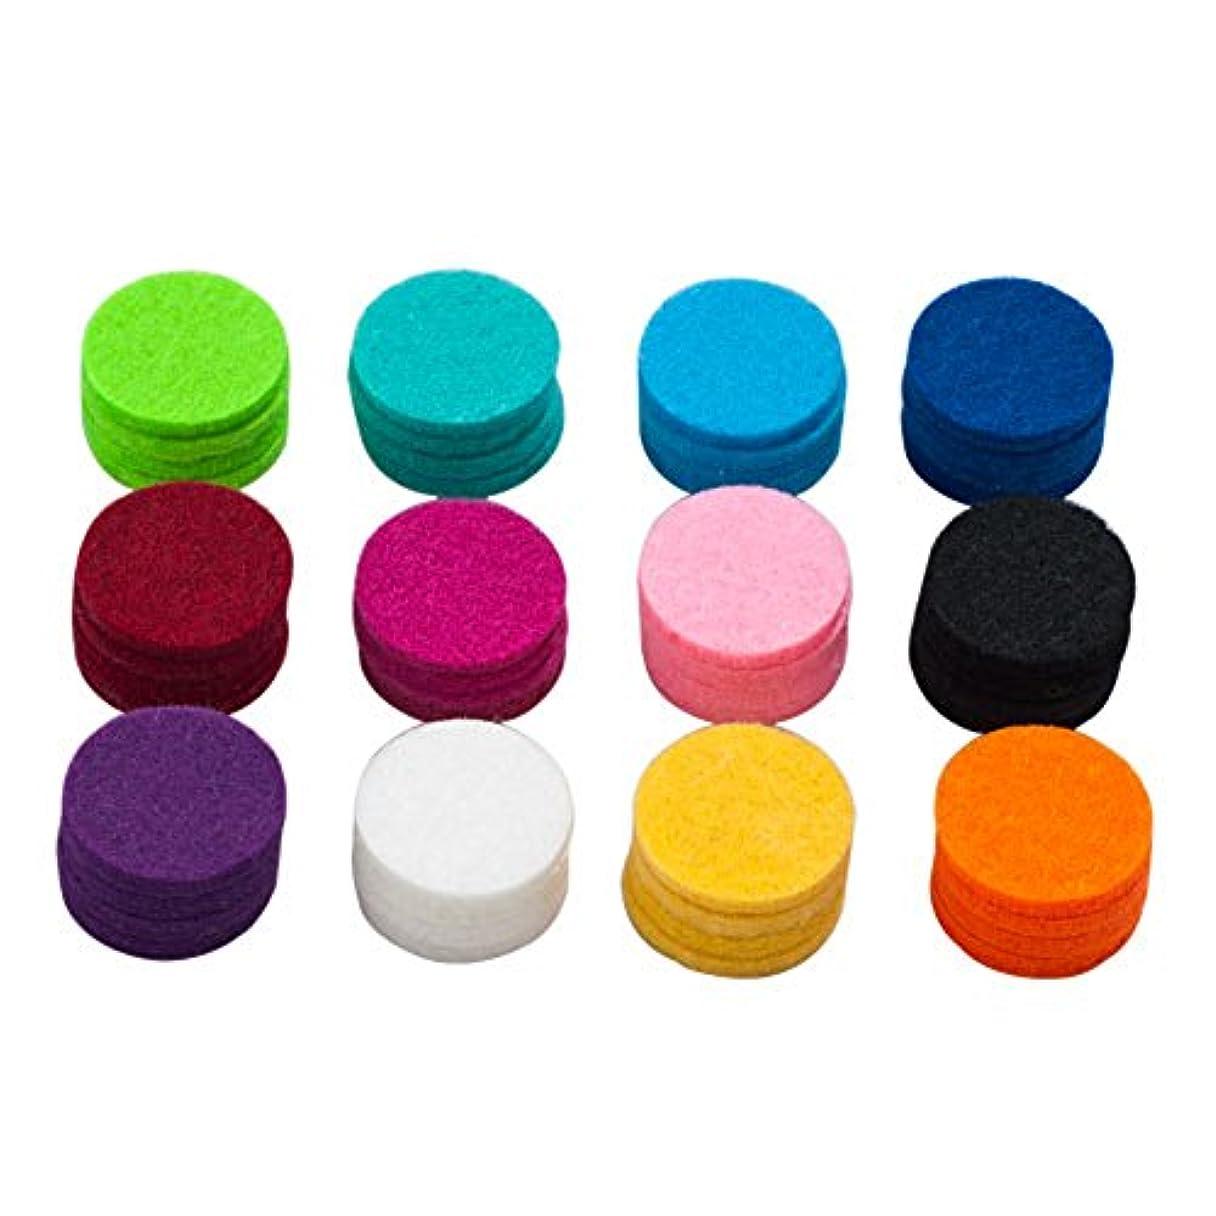 不公平グラフィック独立lovelycharms Aromatherapy Essential Oil DiffuserネックレスRefill Pads for 30 mmロケットネックレス